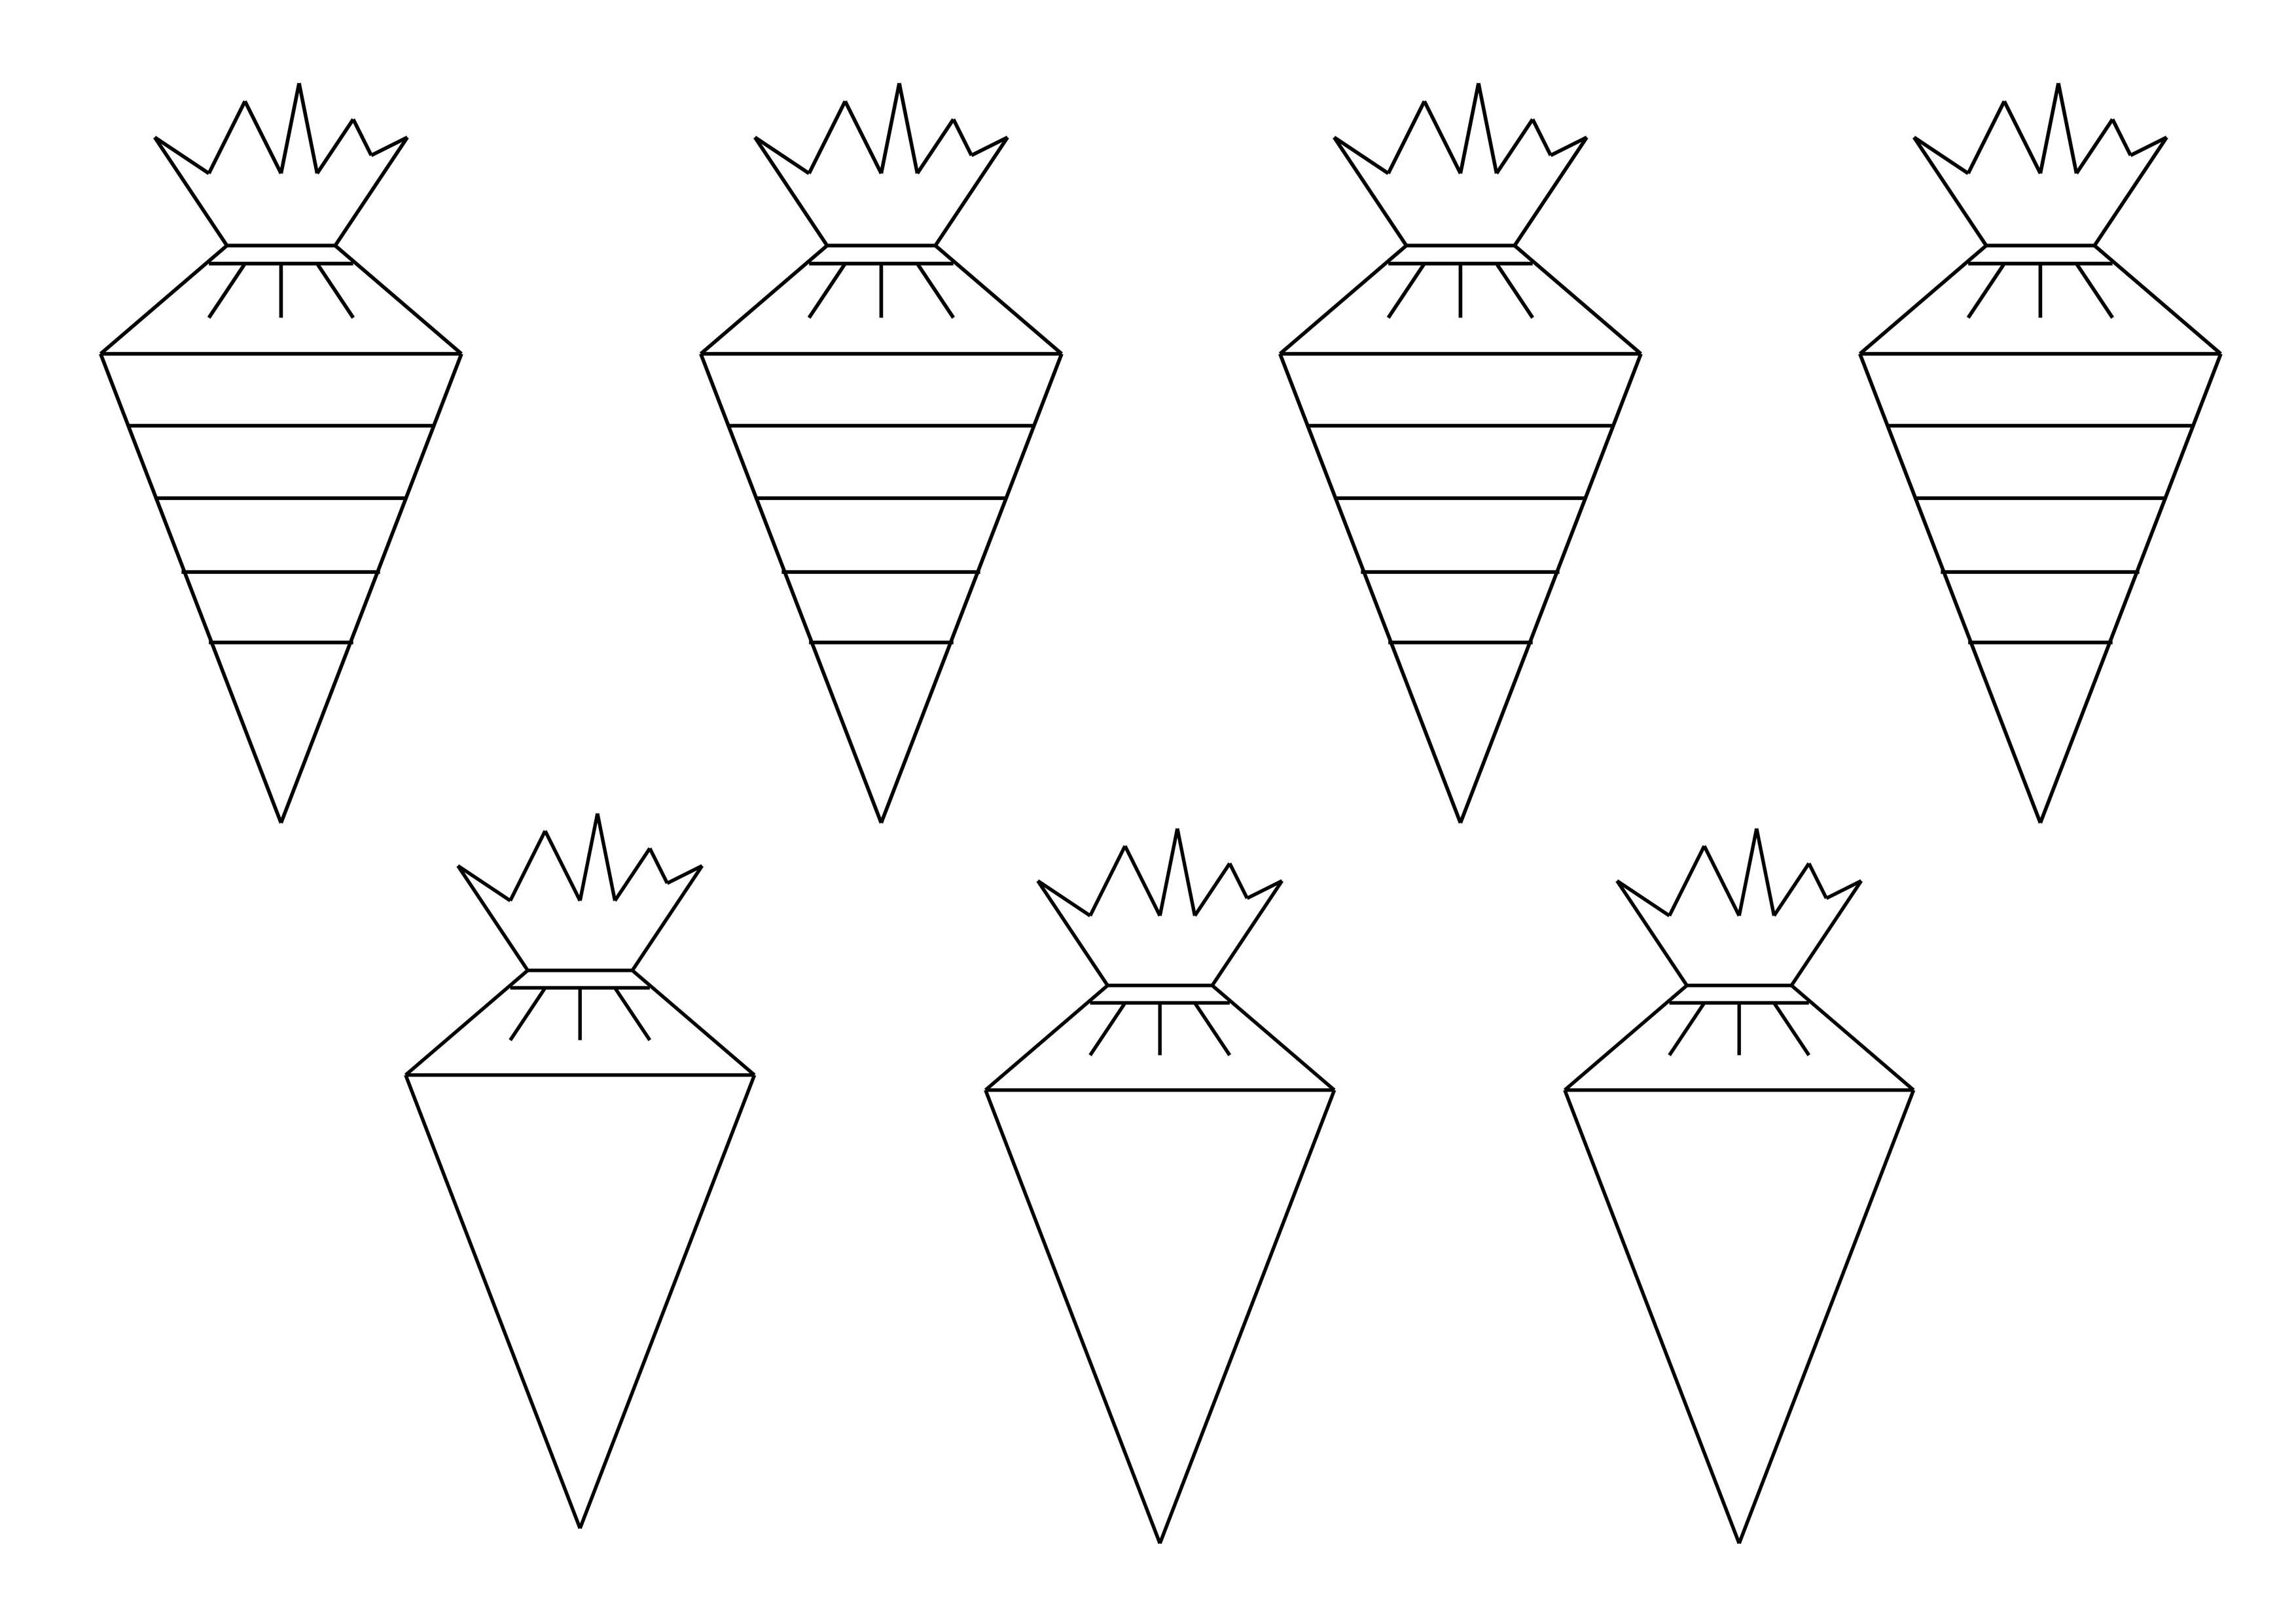 schult ten vorlagen zum ausdrucken dezentpink diy ideen f r kinder. Black Bedroom Furniture Sets. Home Design Ideas